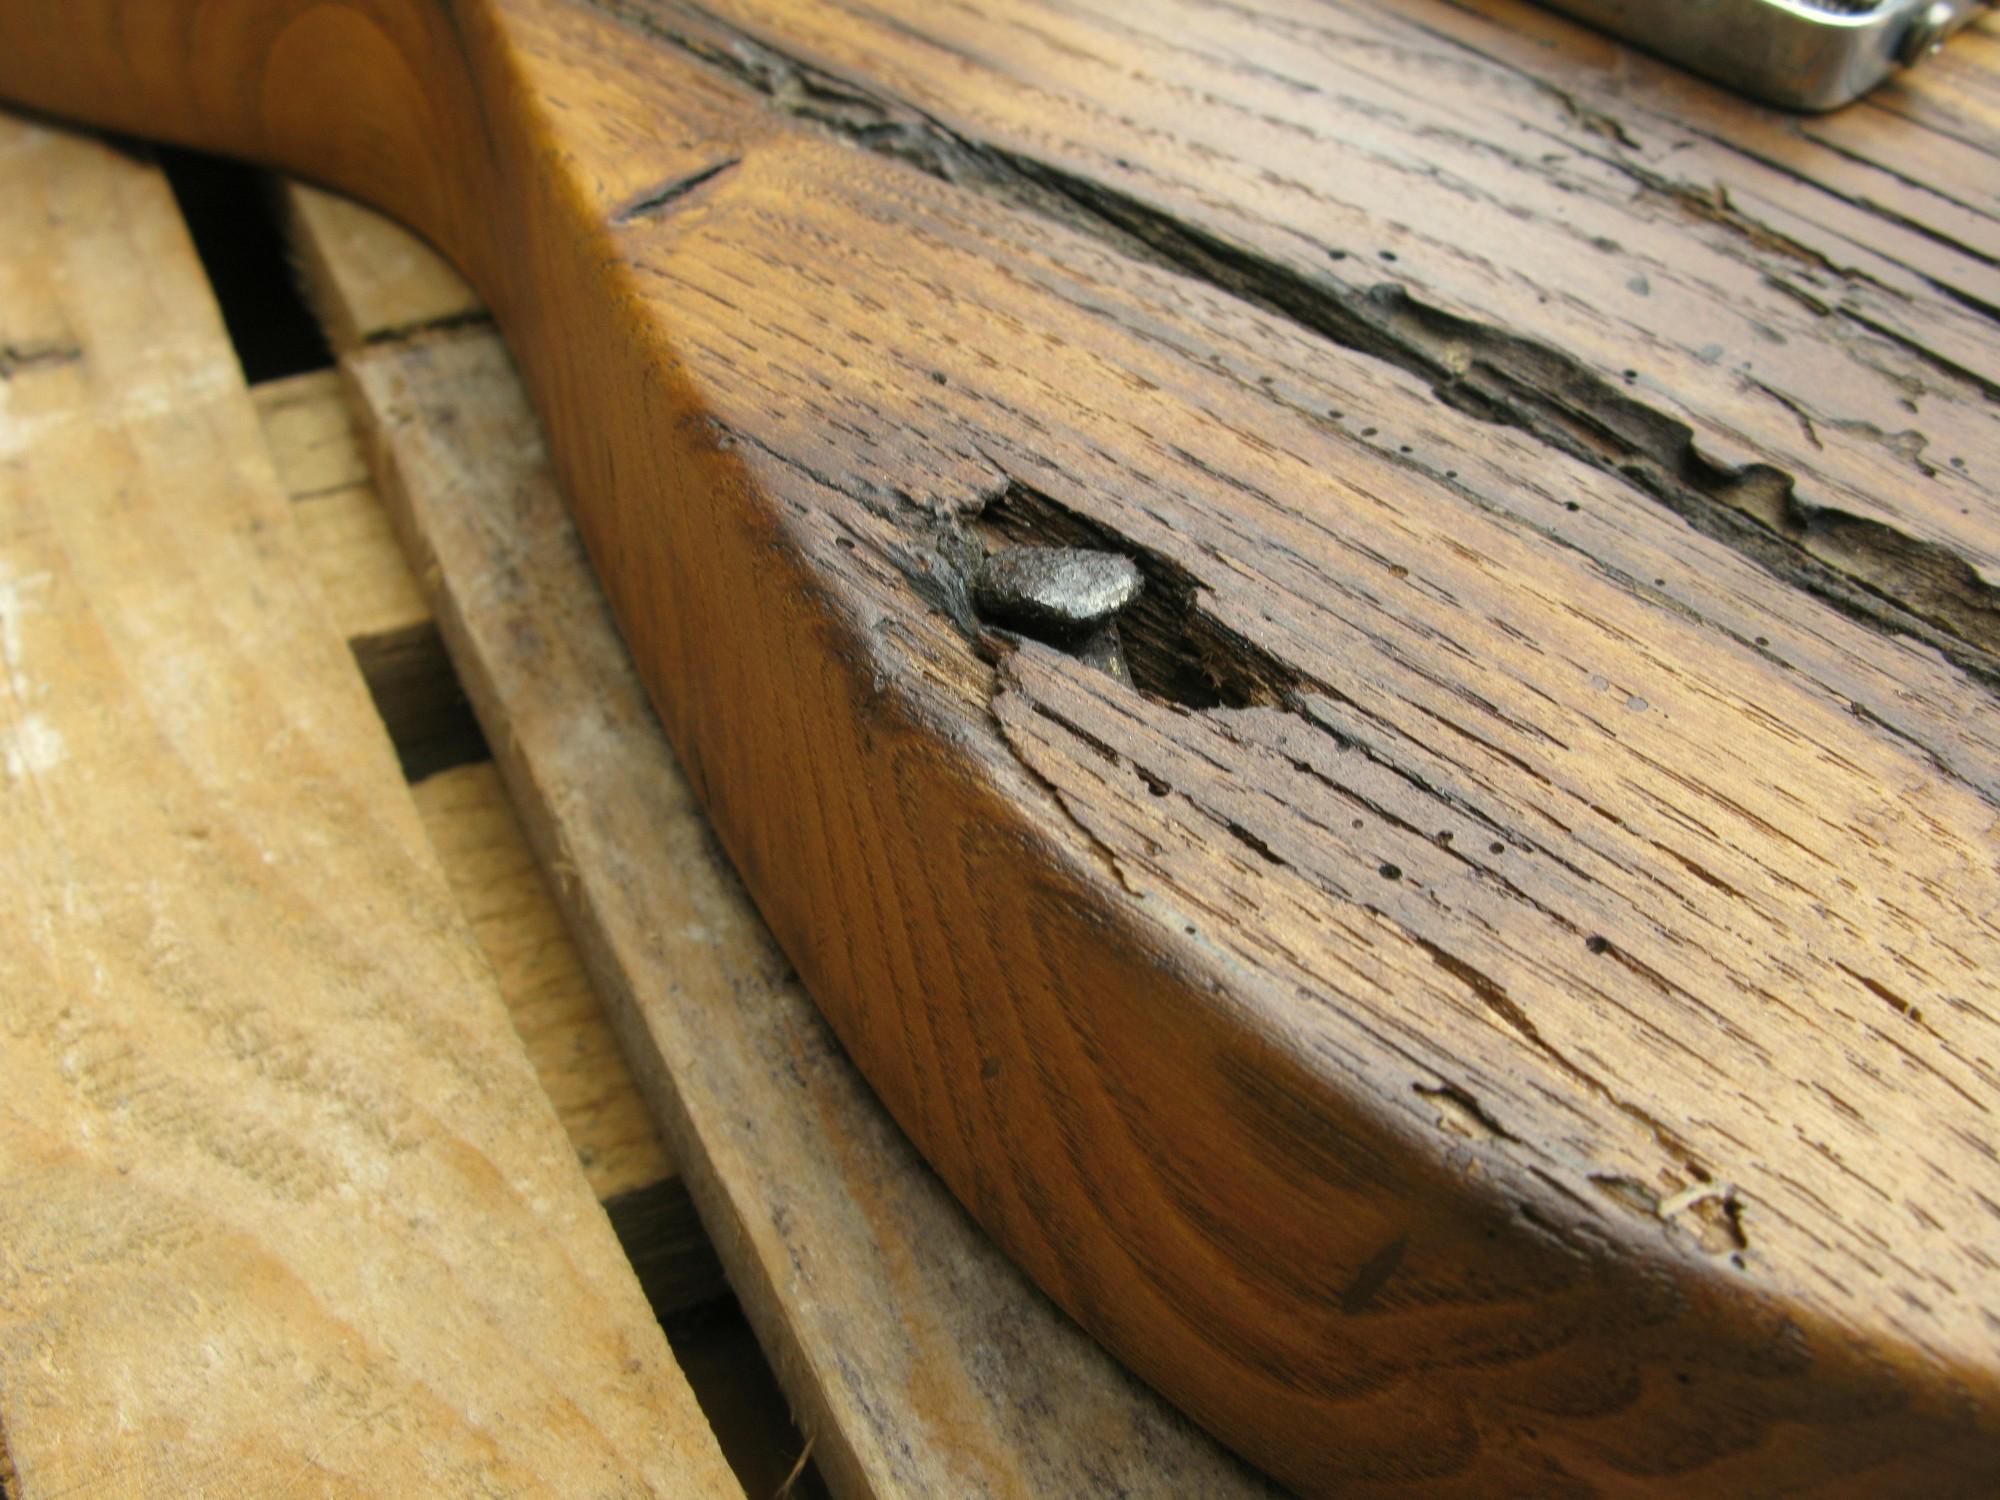 dettaglio legno retro di una Telecaster con corpo in castagno secolare e manico in acero roasted